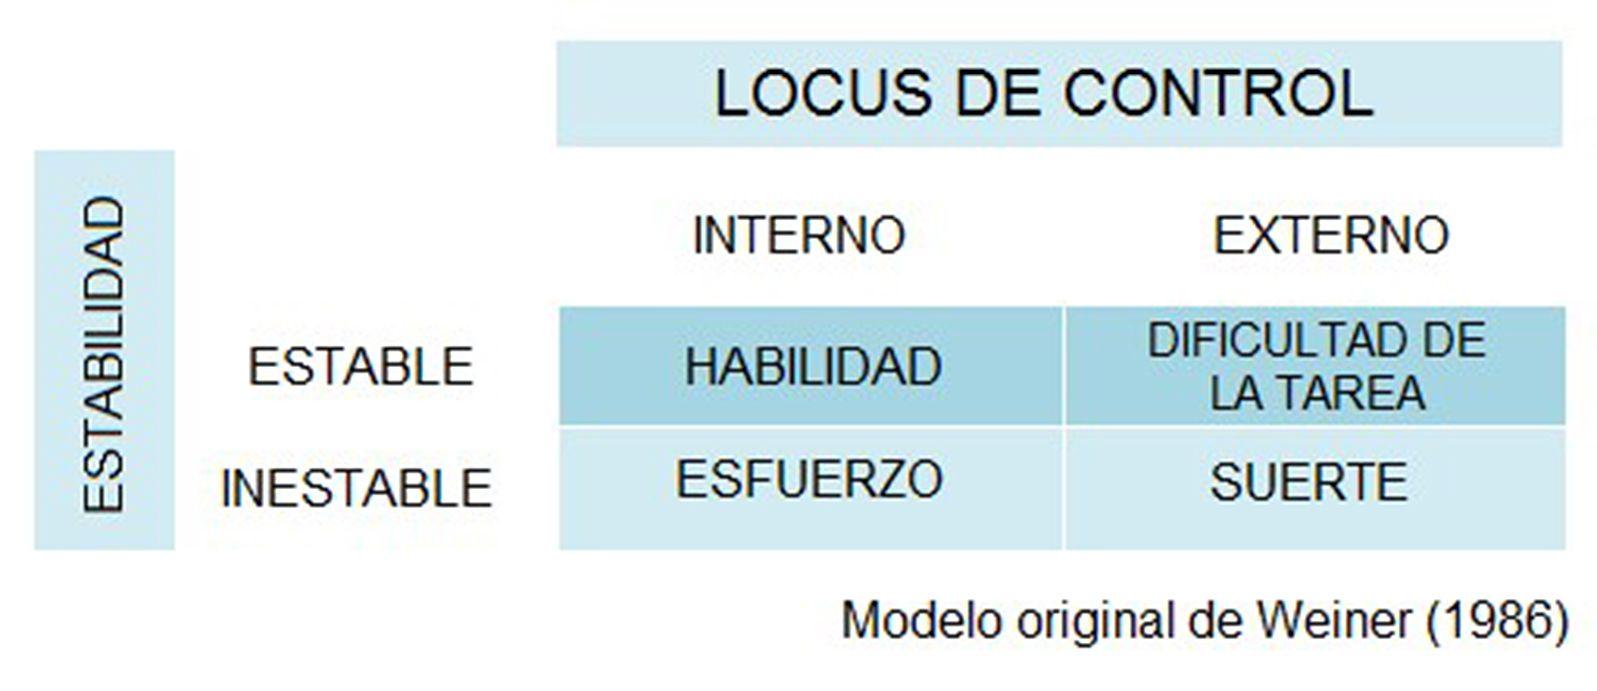 locus de control interno